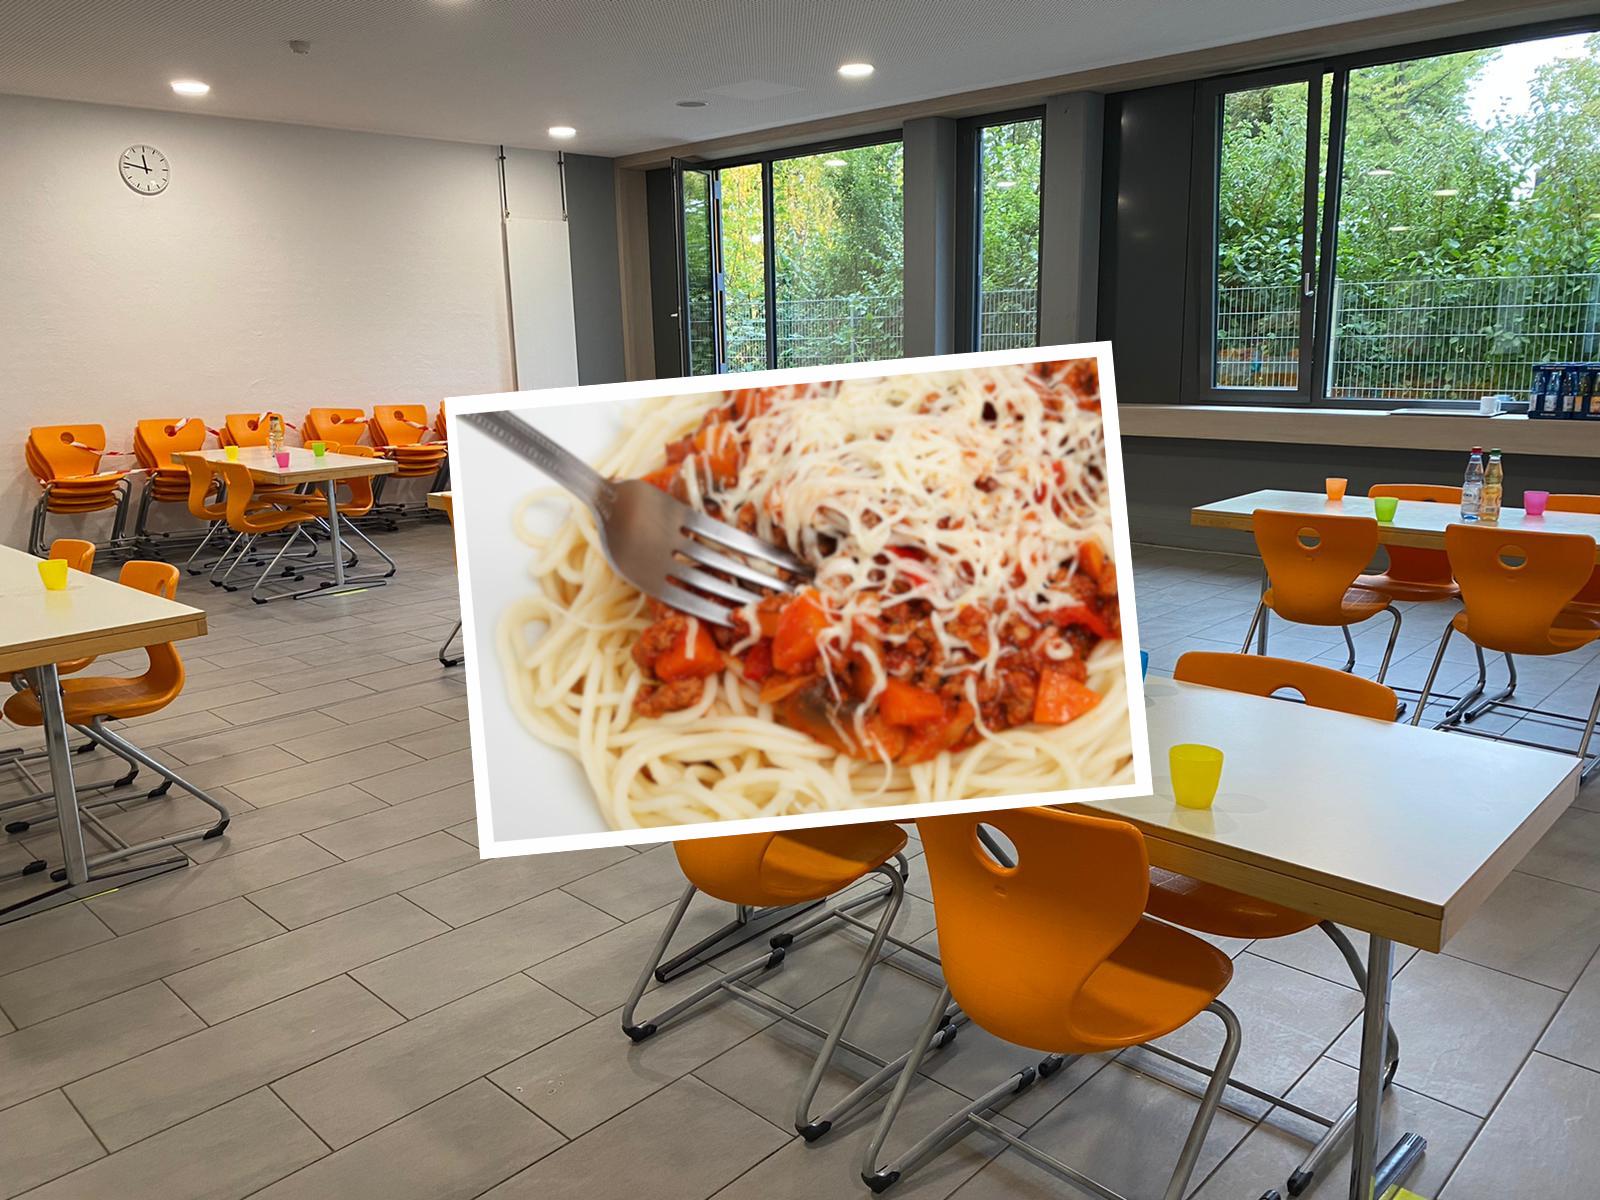 Willkommensgruß an die fünften Klassen – das letzte Spaghettiessen hat stattgefunden